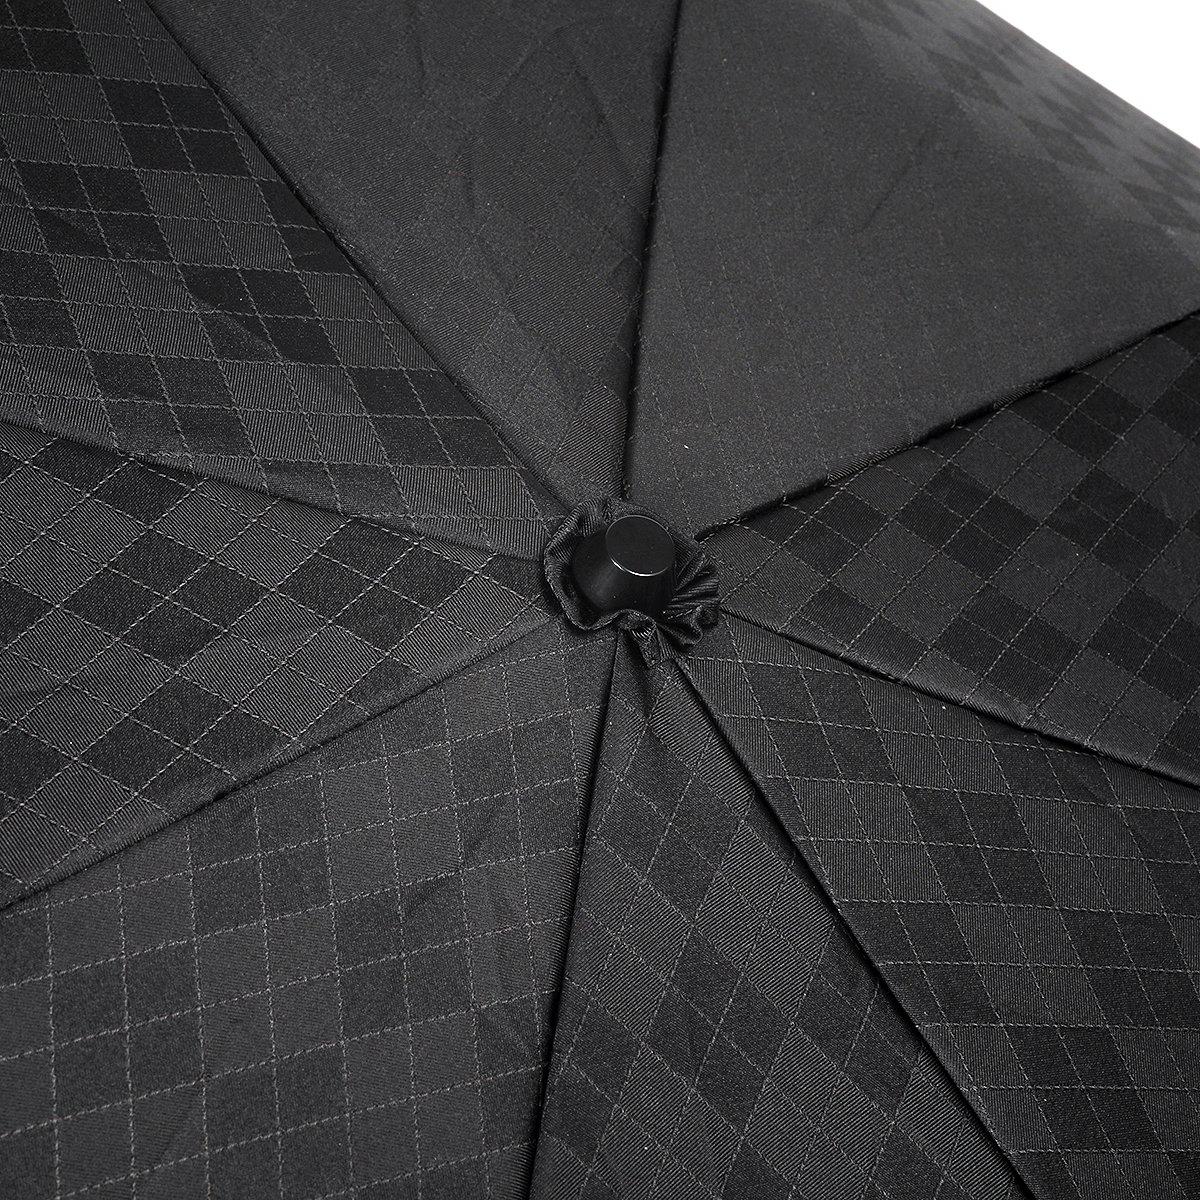 【公式限定】アーガイル 折りたたみ傘 詳細画像6